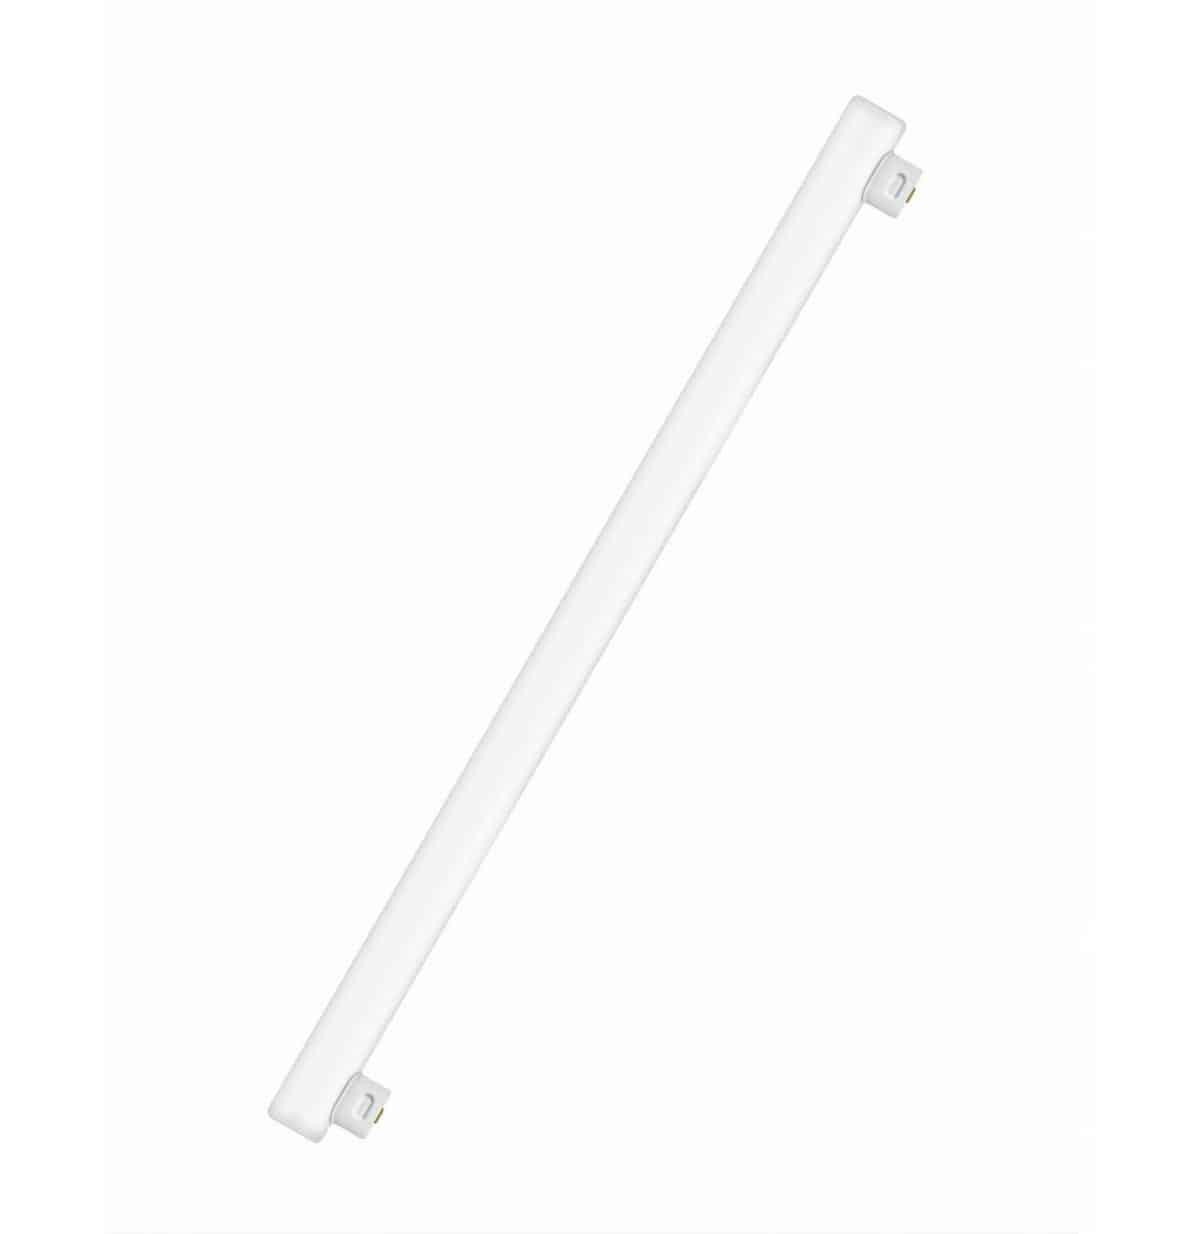 Λάμπα led linesta 8w 50cm 3000k με 2 ντουΐ BRAND-II-8W